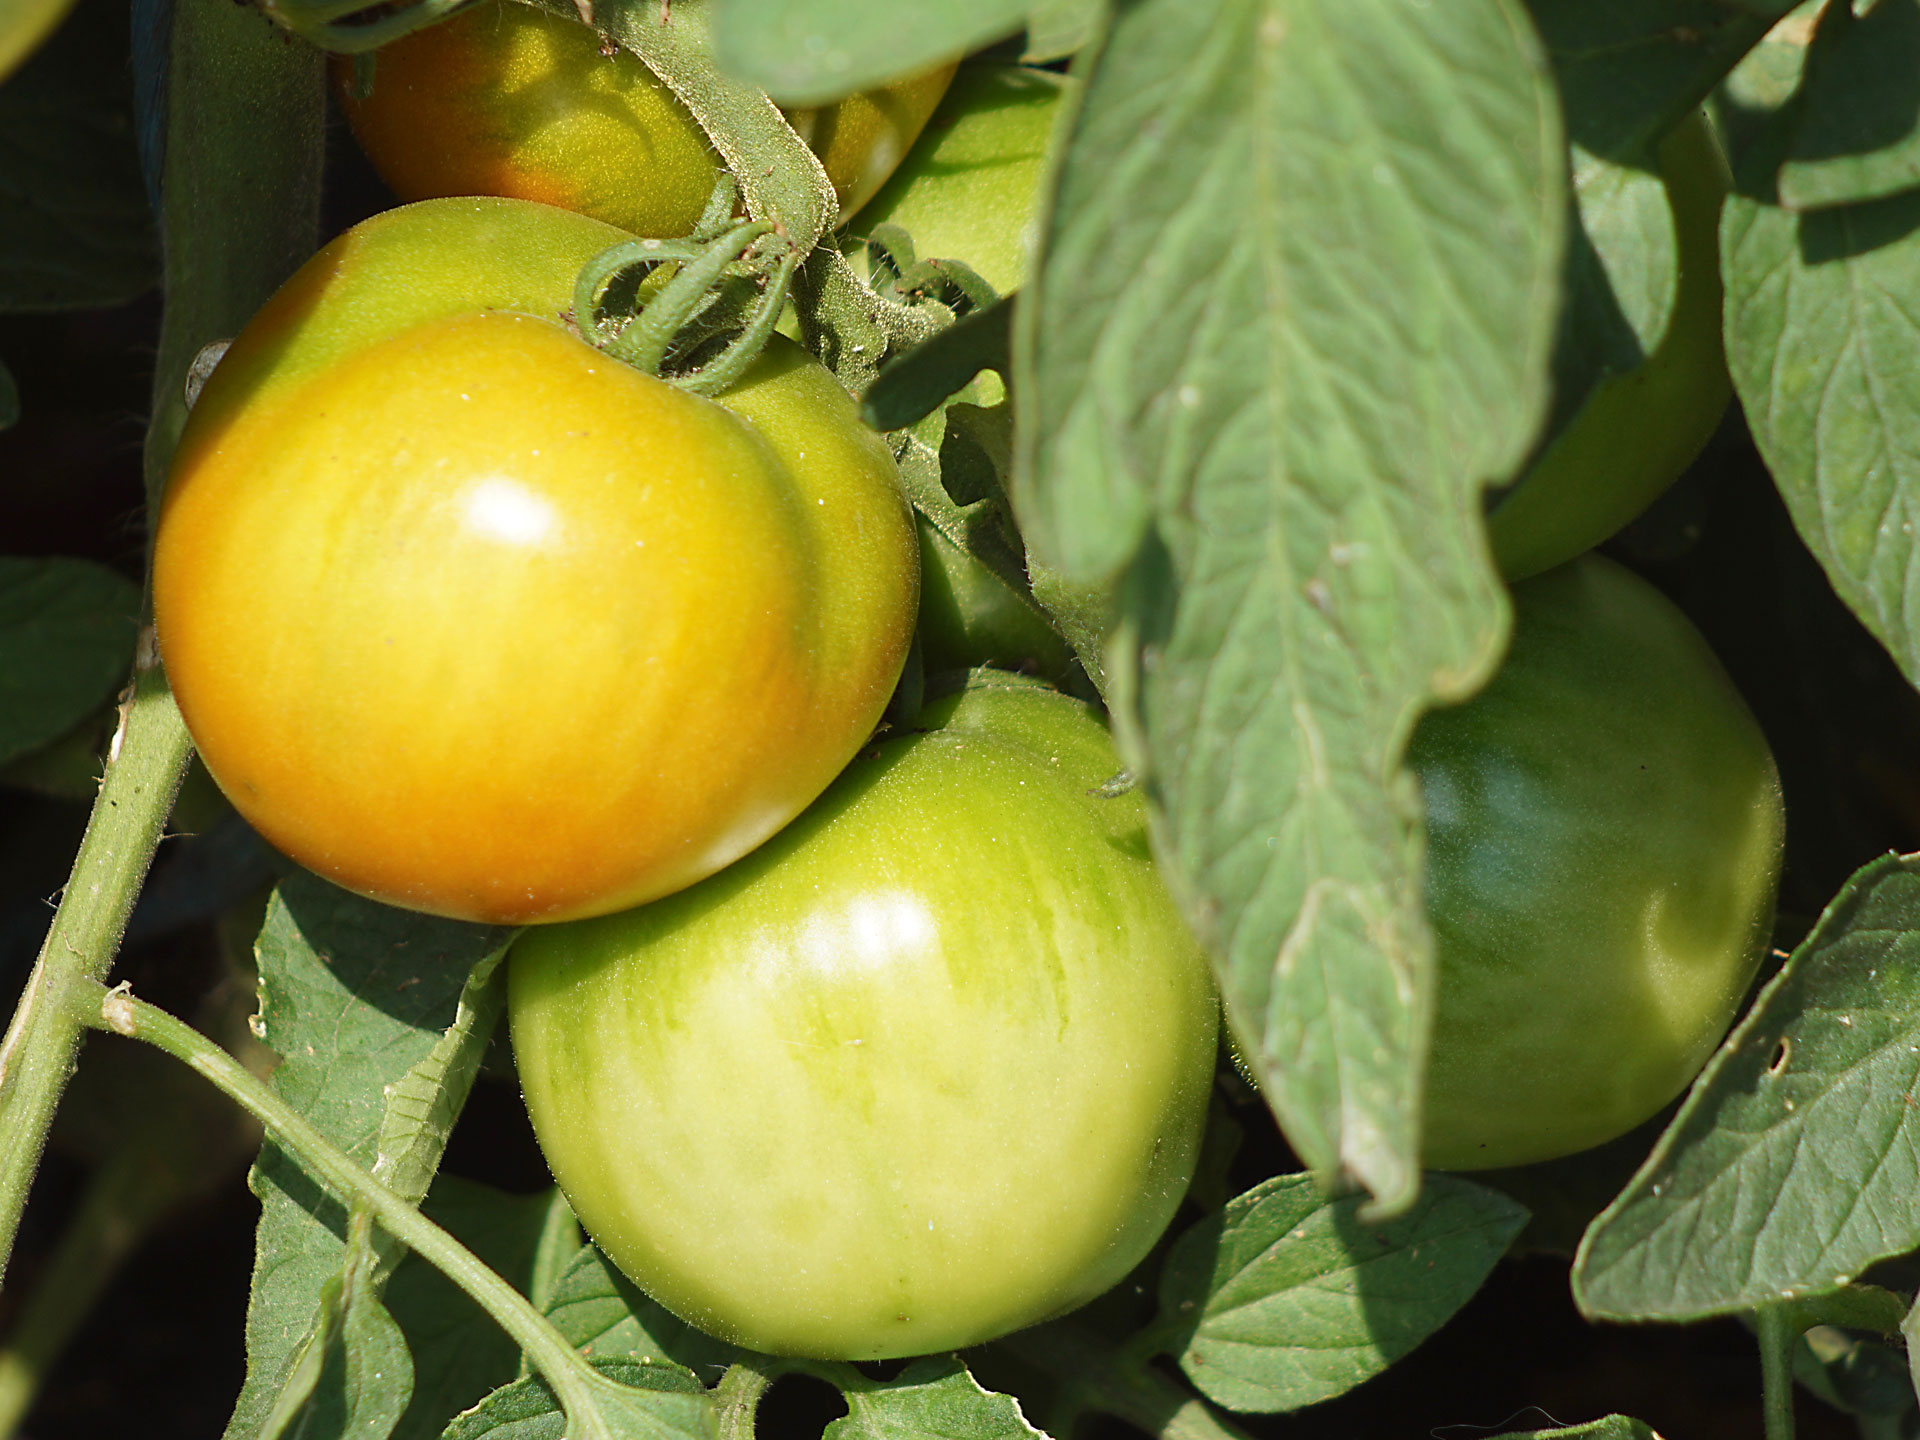 Gartenrhythmen lernen Geduld. Unreife Tomaten kann man noch nicht geniessen. Und auch im Leben muss man oft einiges reifen lassen. Das spüren oft die Gaste zum Mitleben, welche eine neue Lebensorientierung suchen.